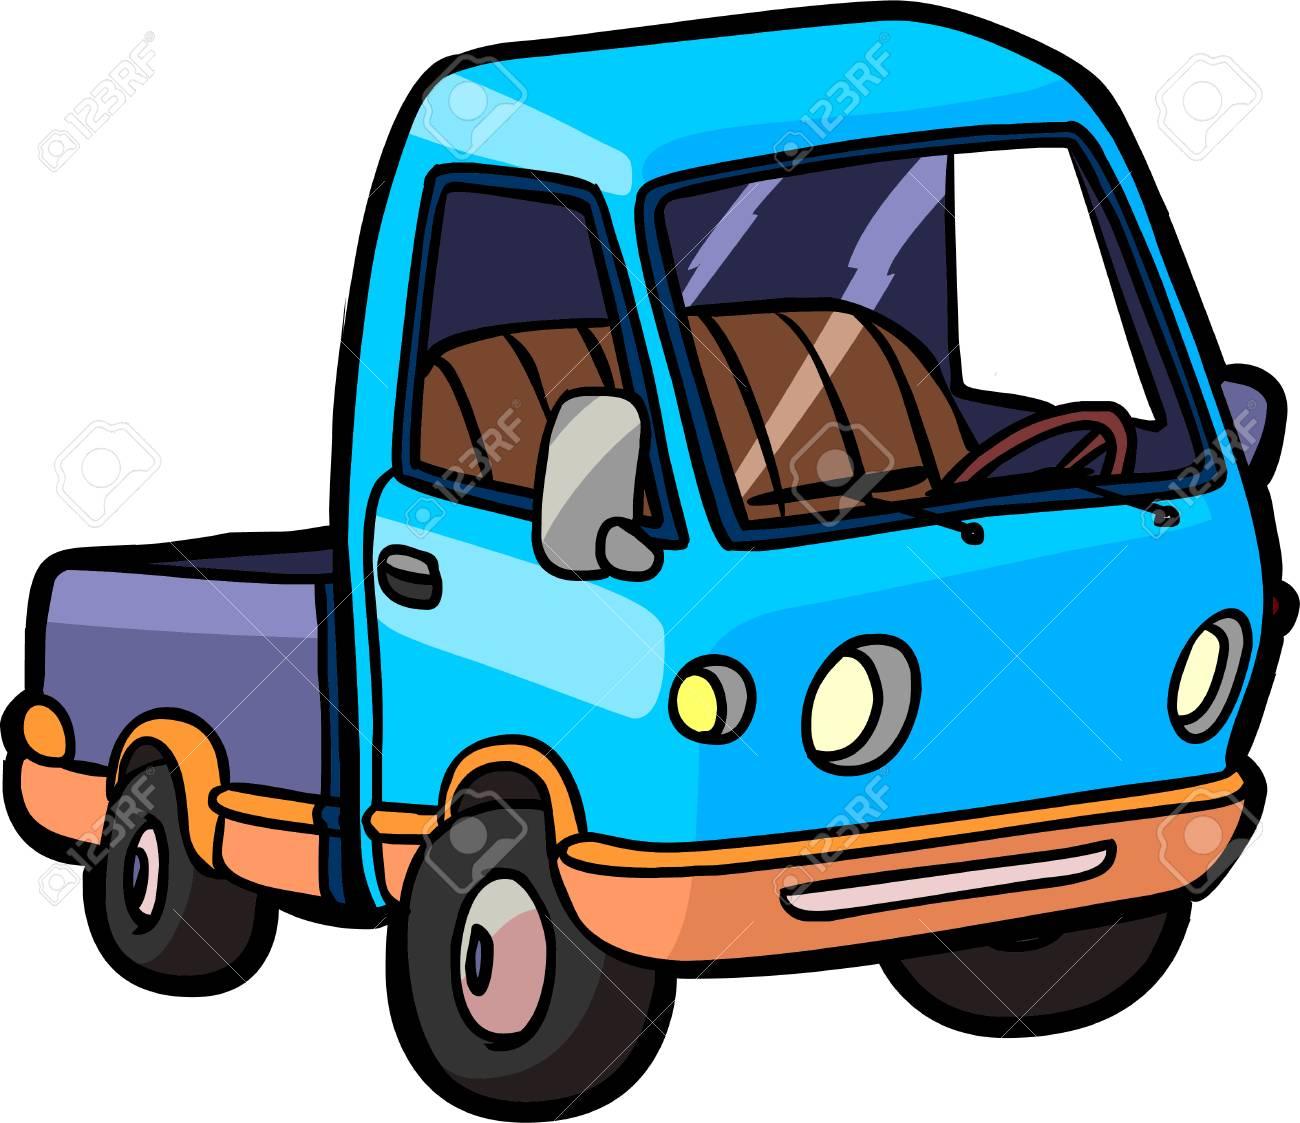 Petit Camion Bleu Sur Fond Blanc Illustration De Style Dessin Animé